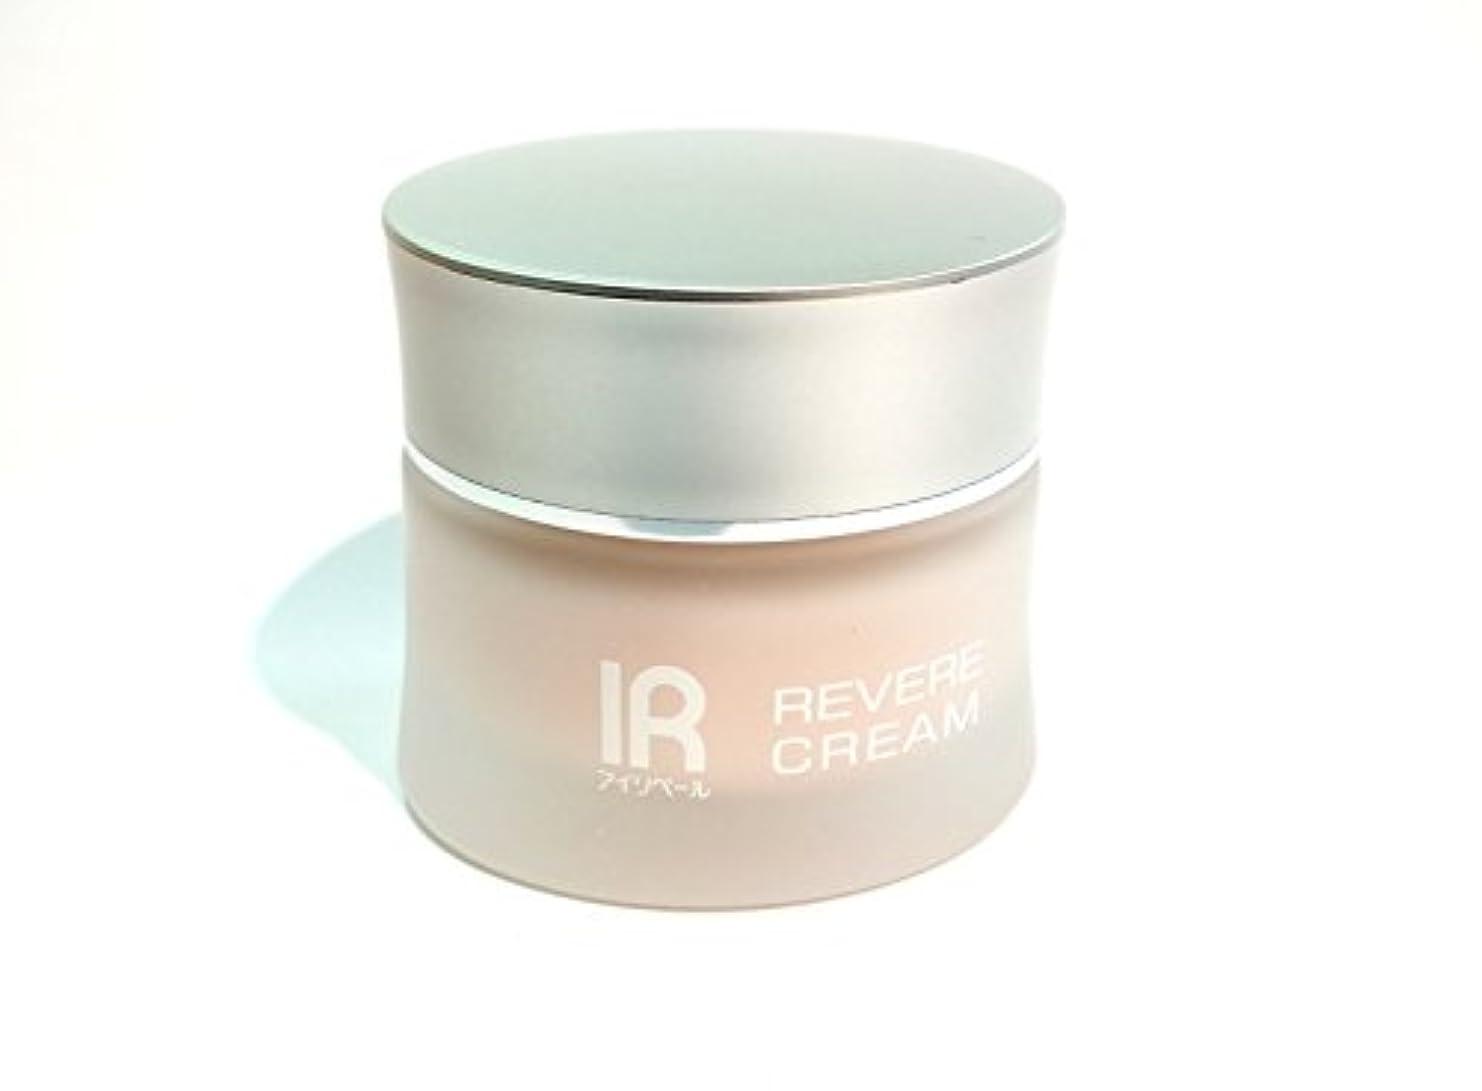 反応するシーサイド伝染性のIR アイリベール化粧品 リベールクリーム 30g